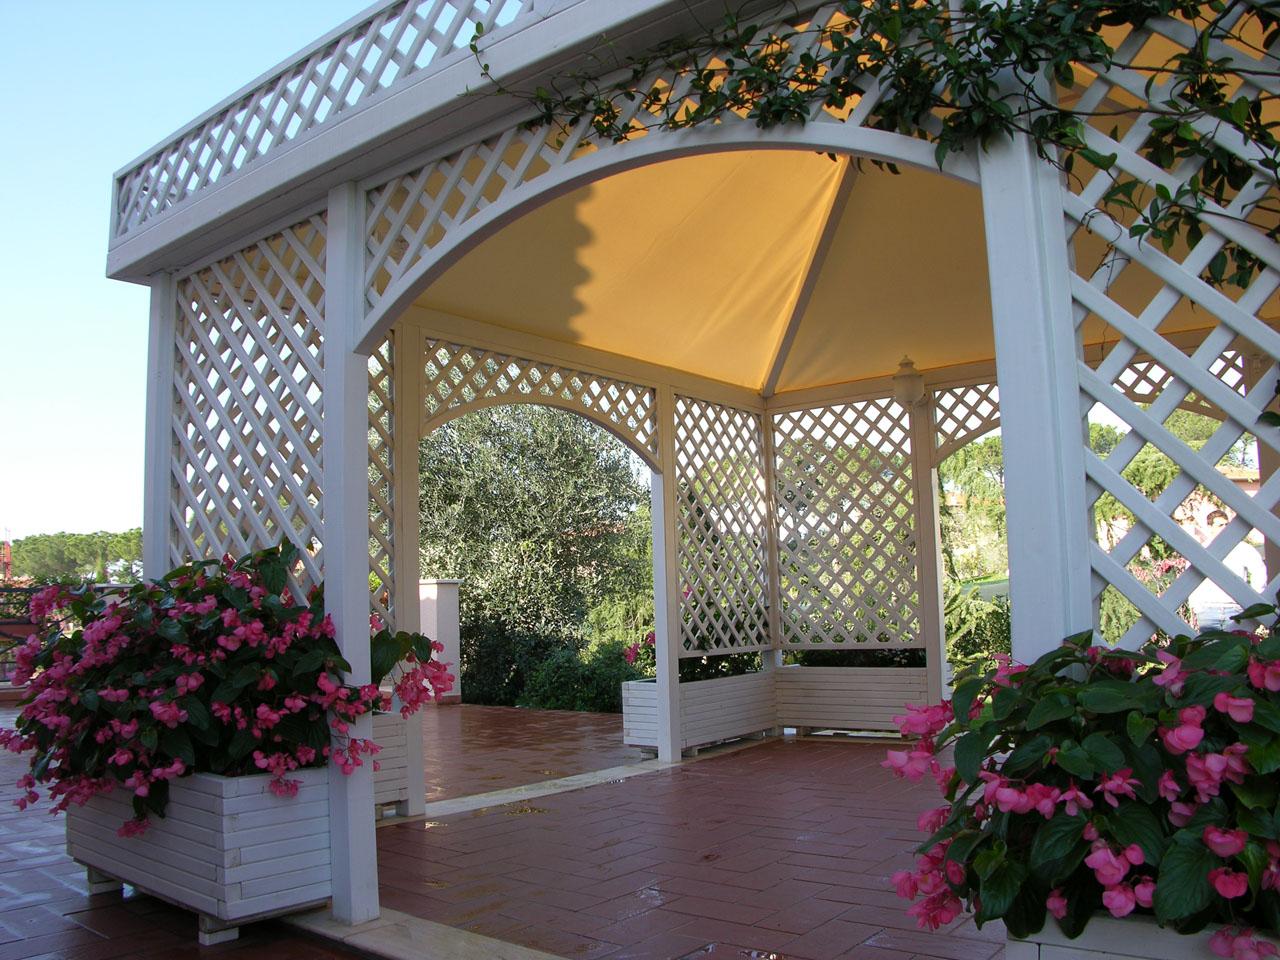 Pannelli di legno divisori per giardino - Pannelli divisori giardino ...